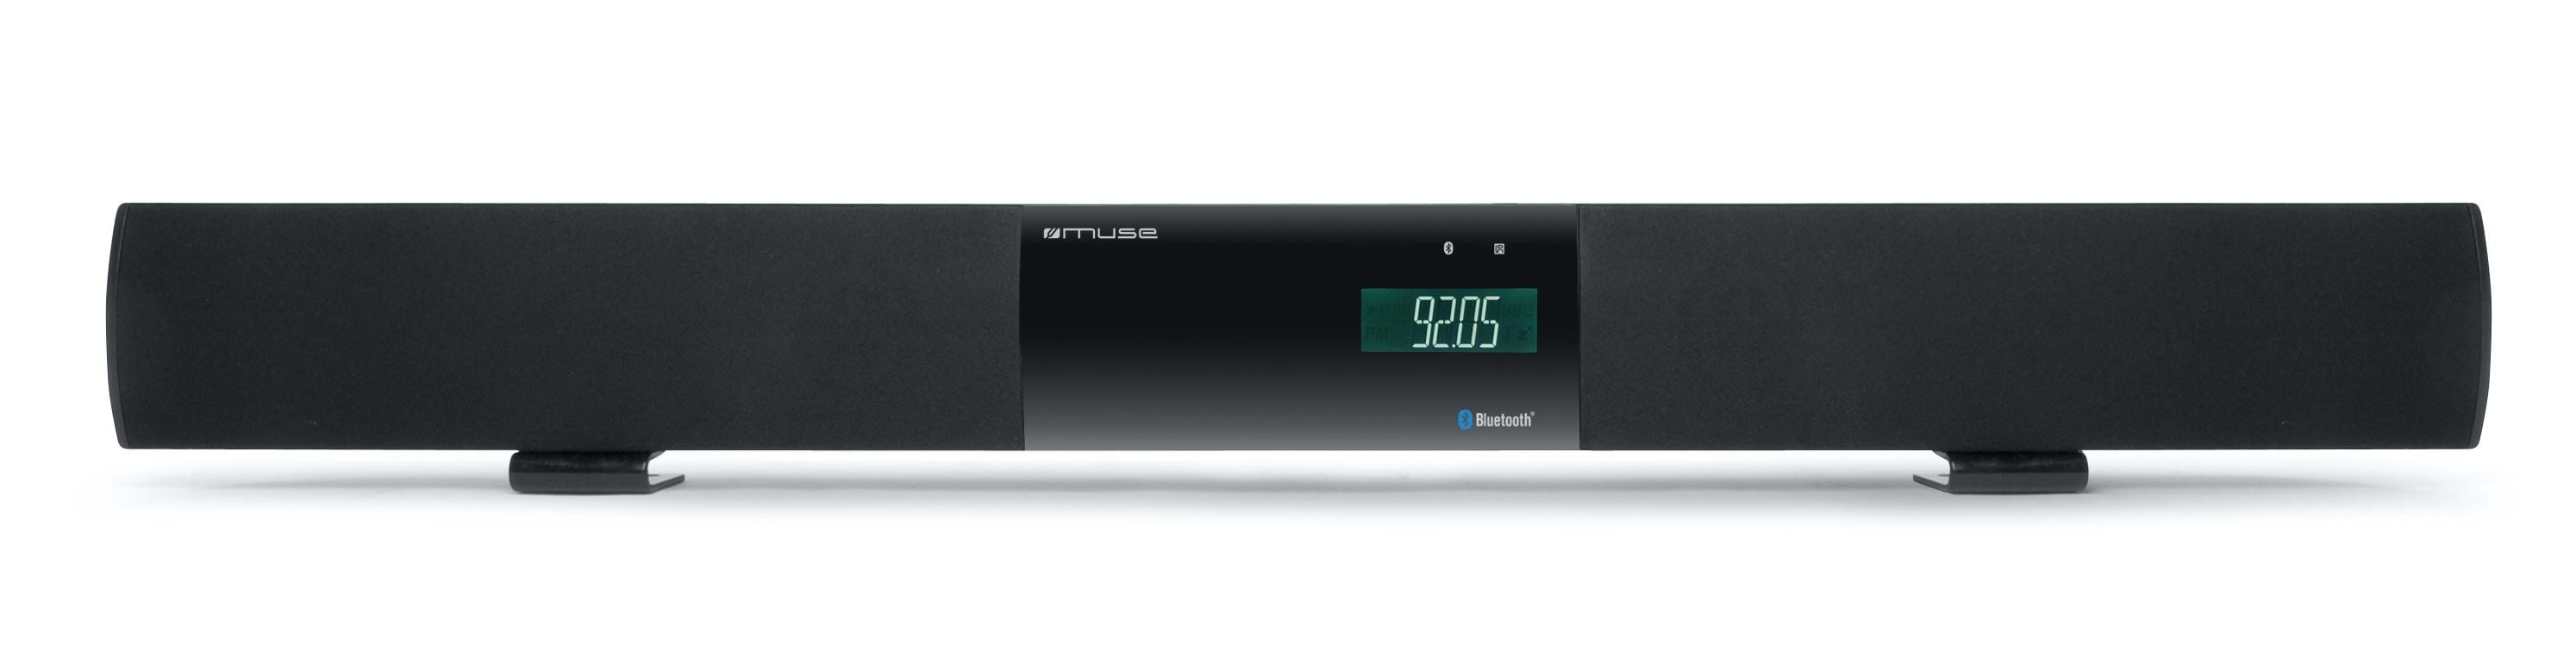 Verstarkung Fur Das Wohnzimmer Muse Soundbar Mit Bluetooth